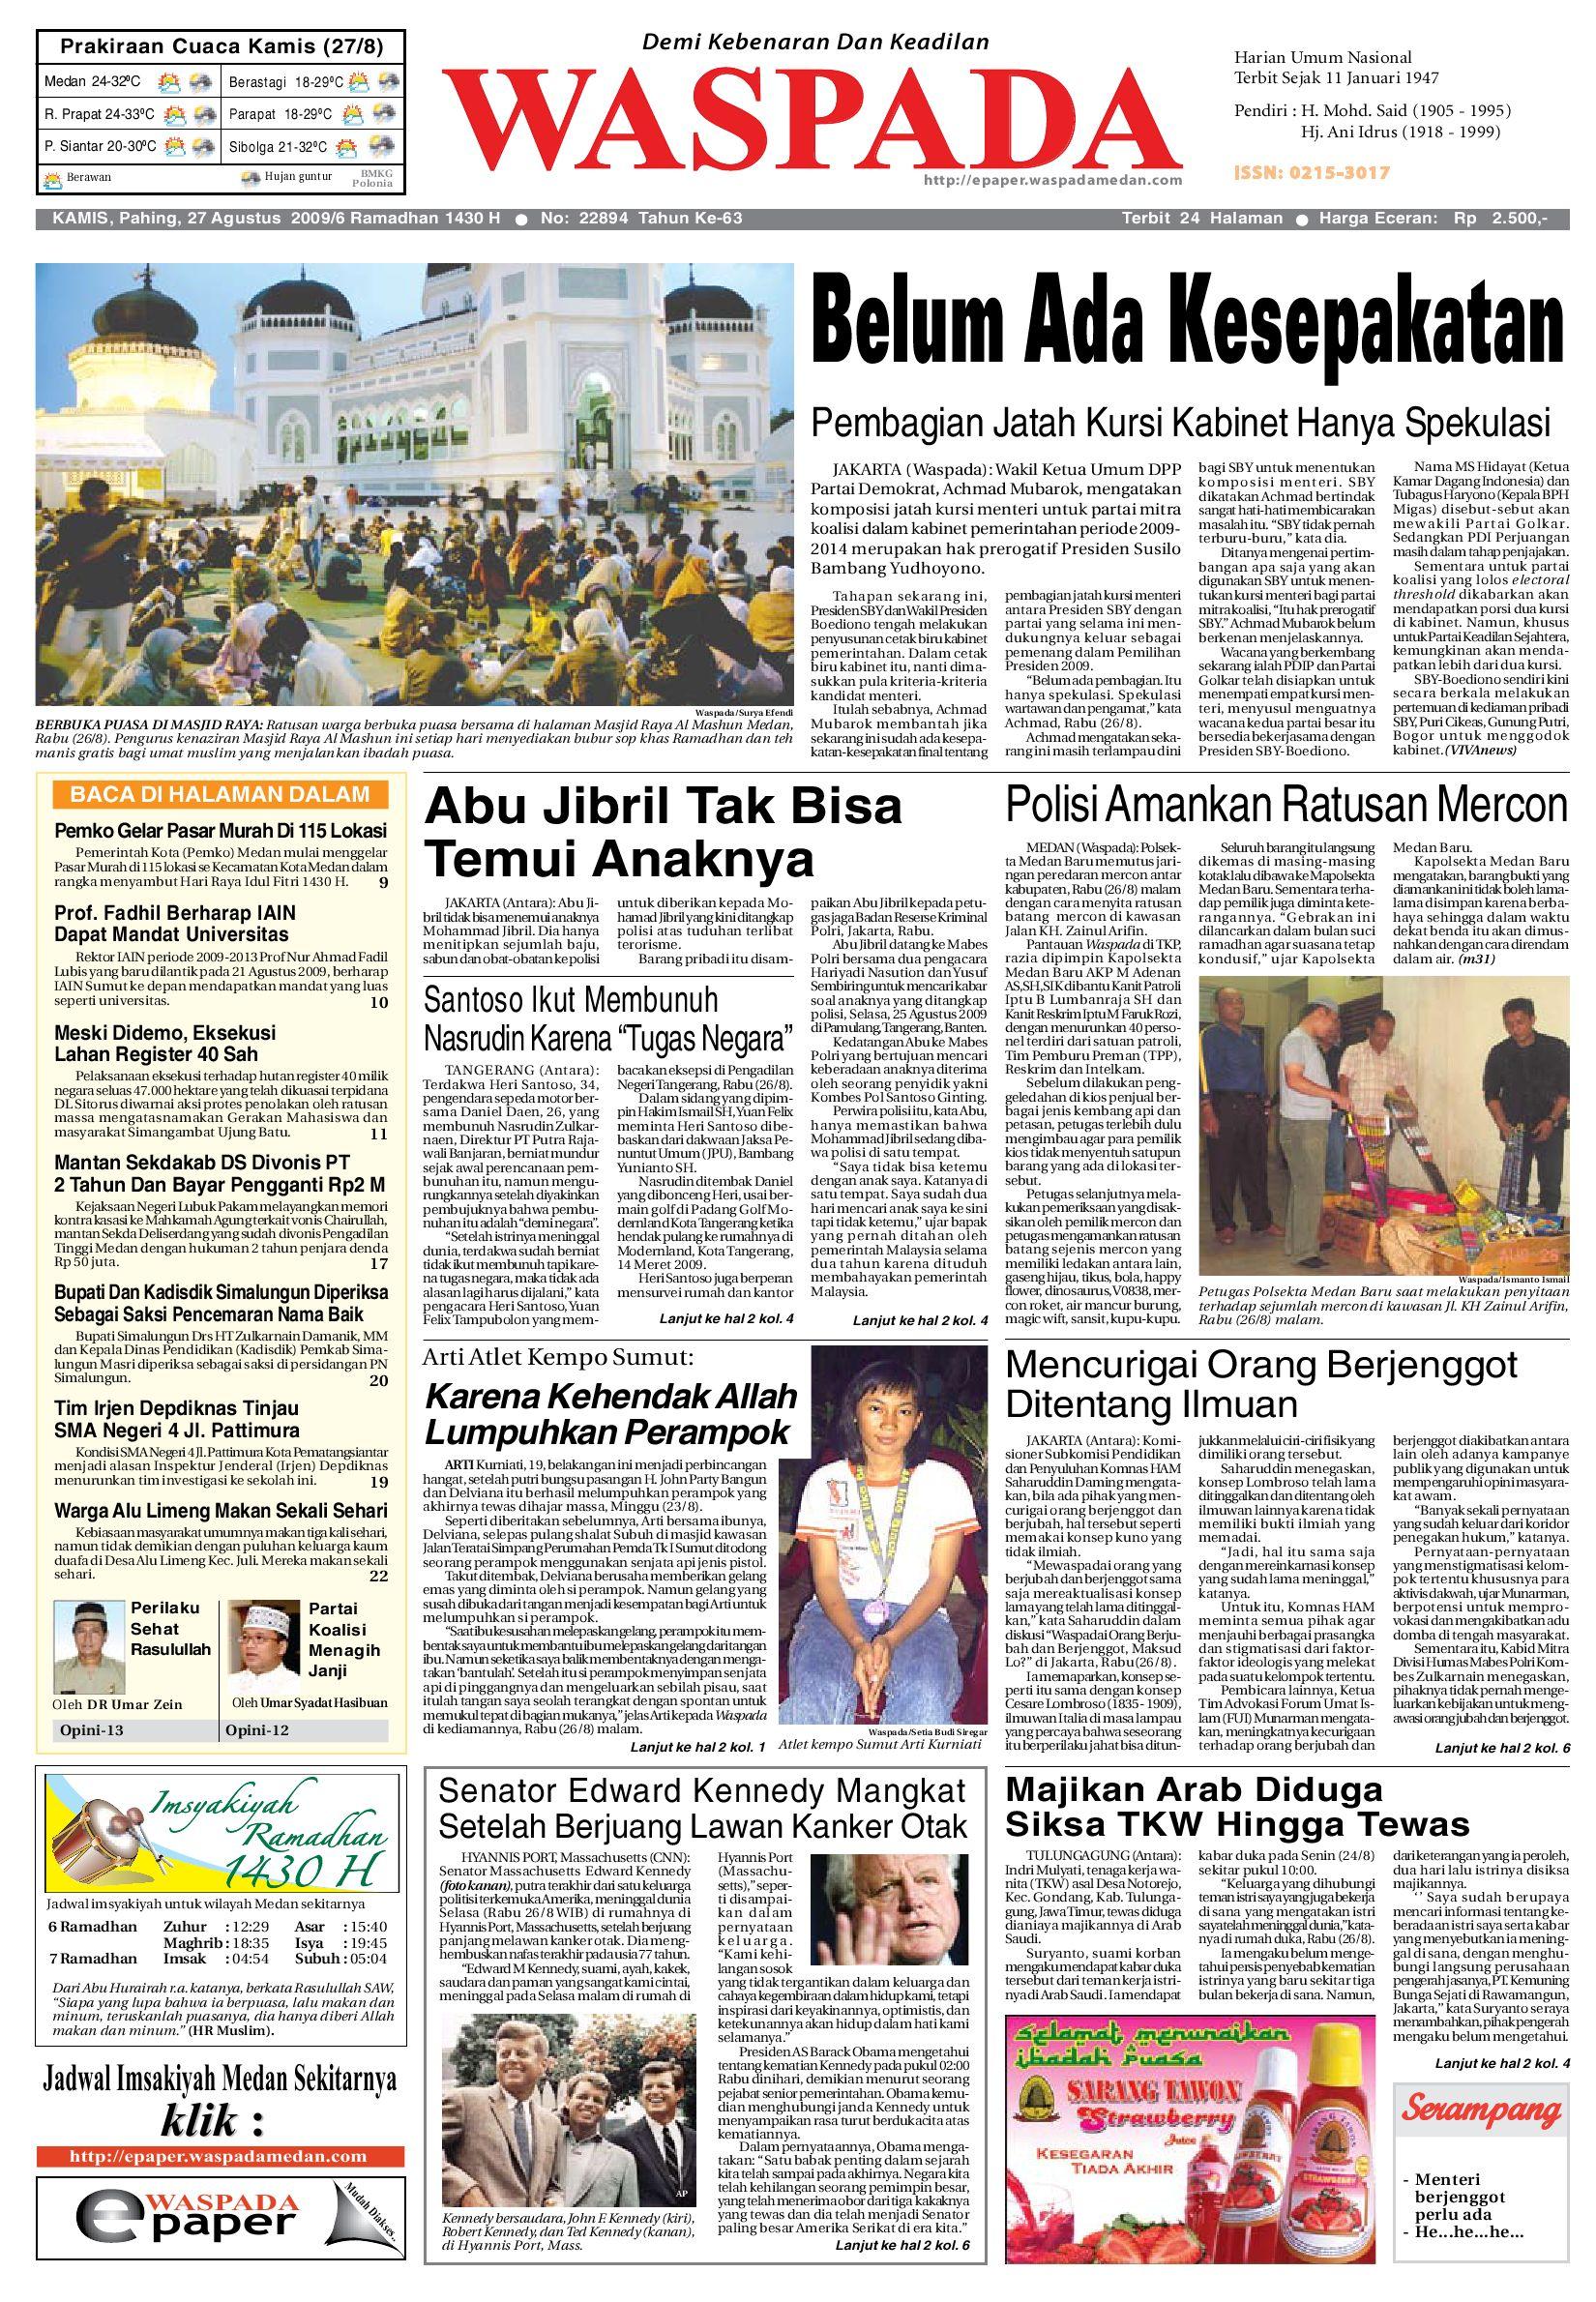 Waspada Kamis 27 Agustus 2009 By Harian Issuu Fcenter Lemari Pakaian Wd Hk 1802 Sh Jawa Tengah